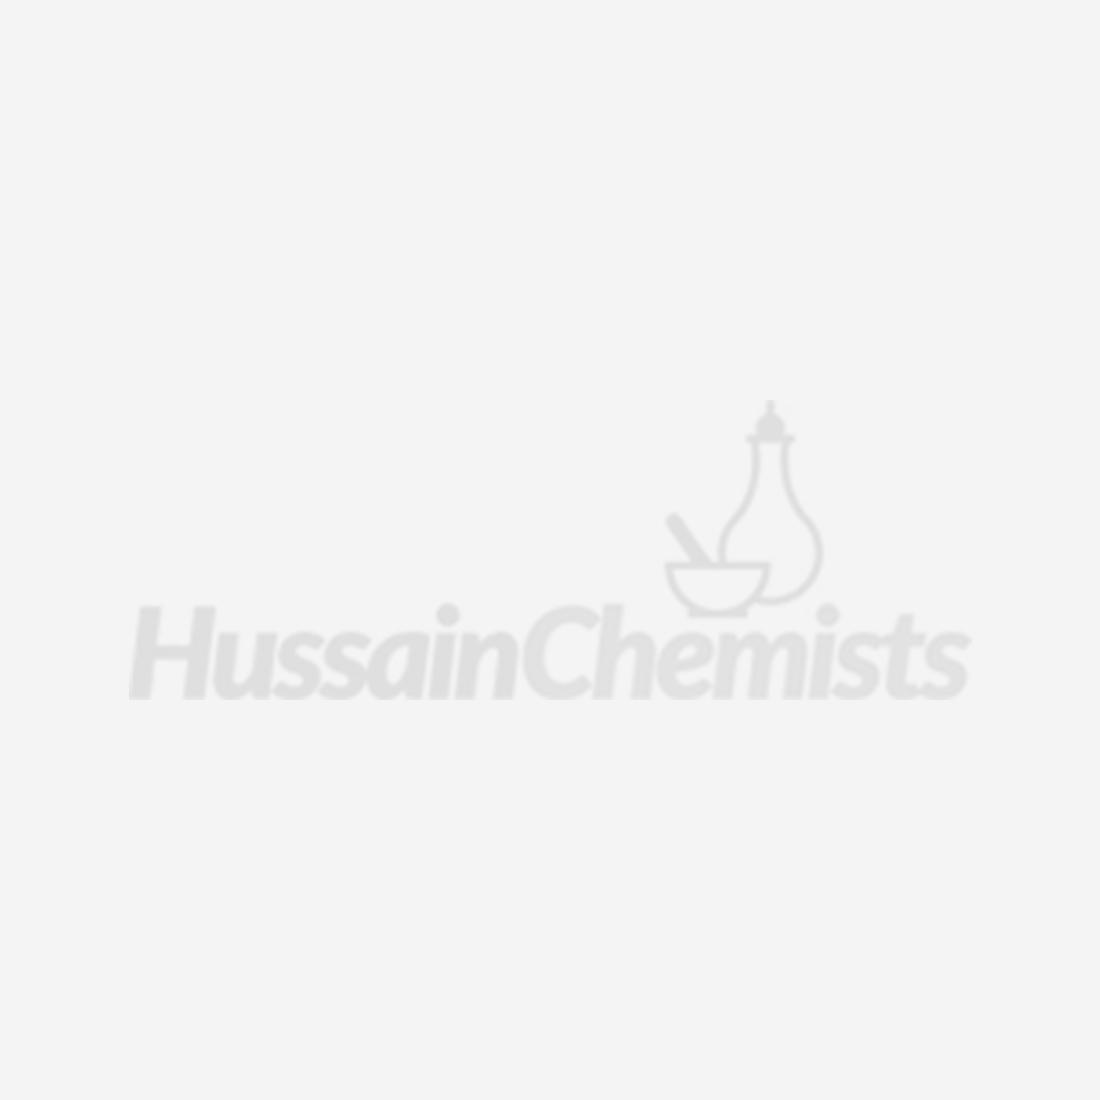 Eucryl toothpowder freshmint 50g